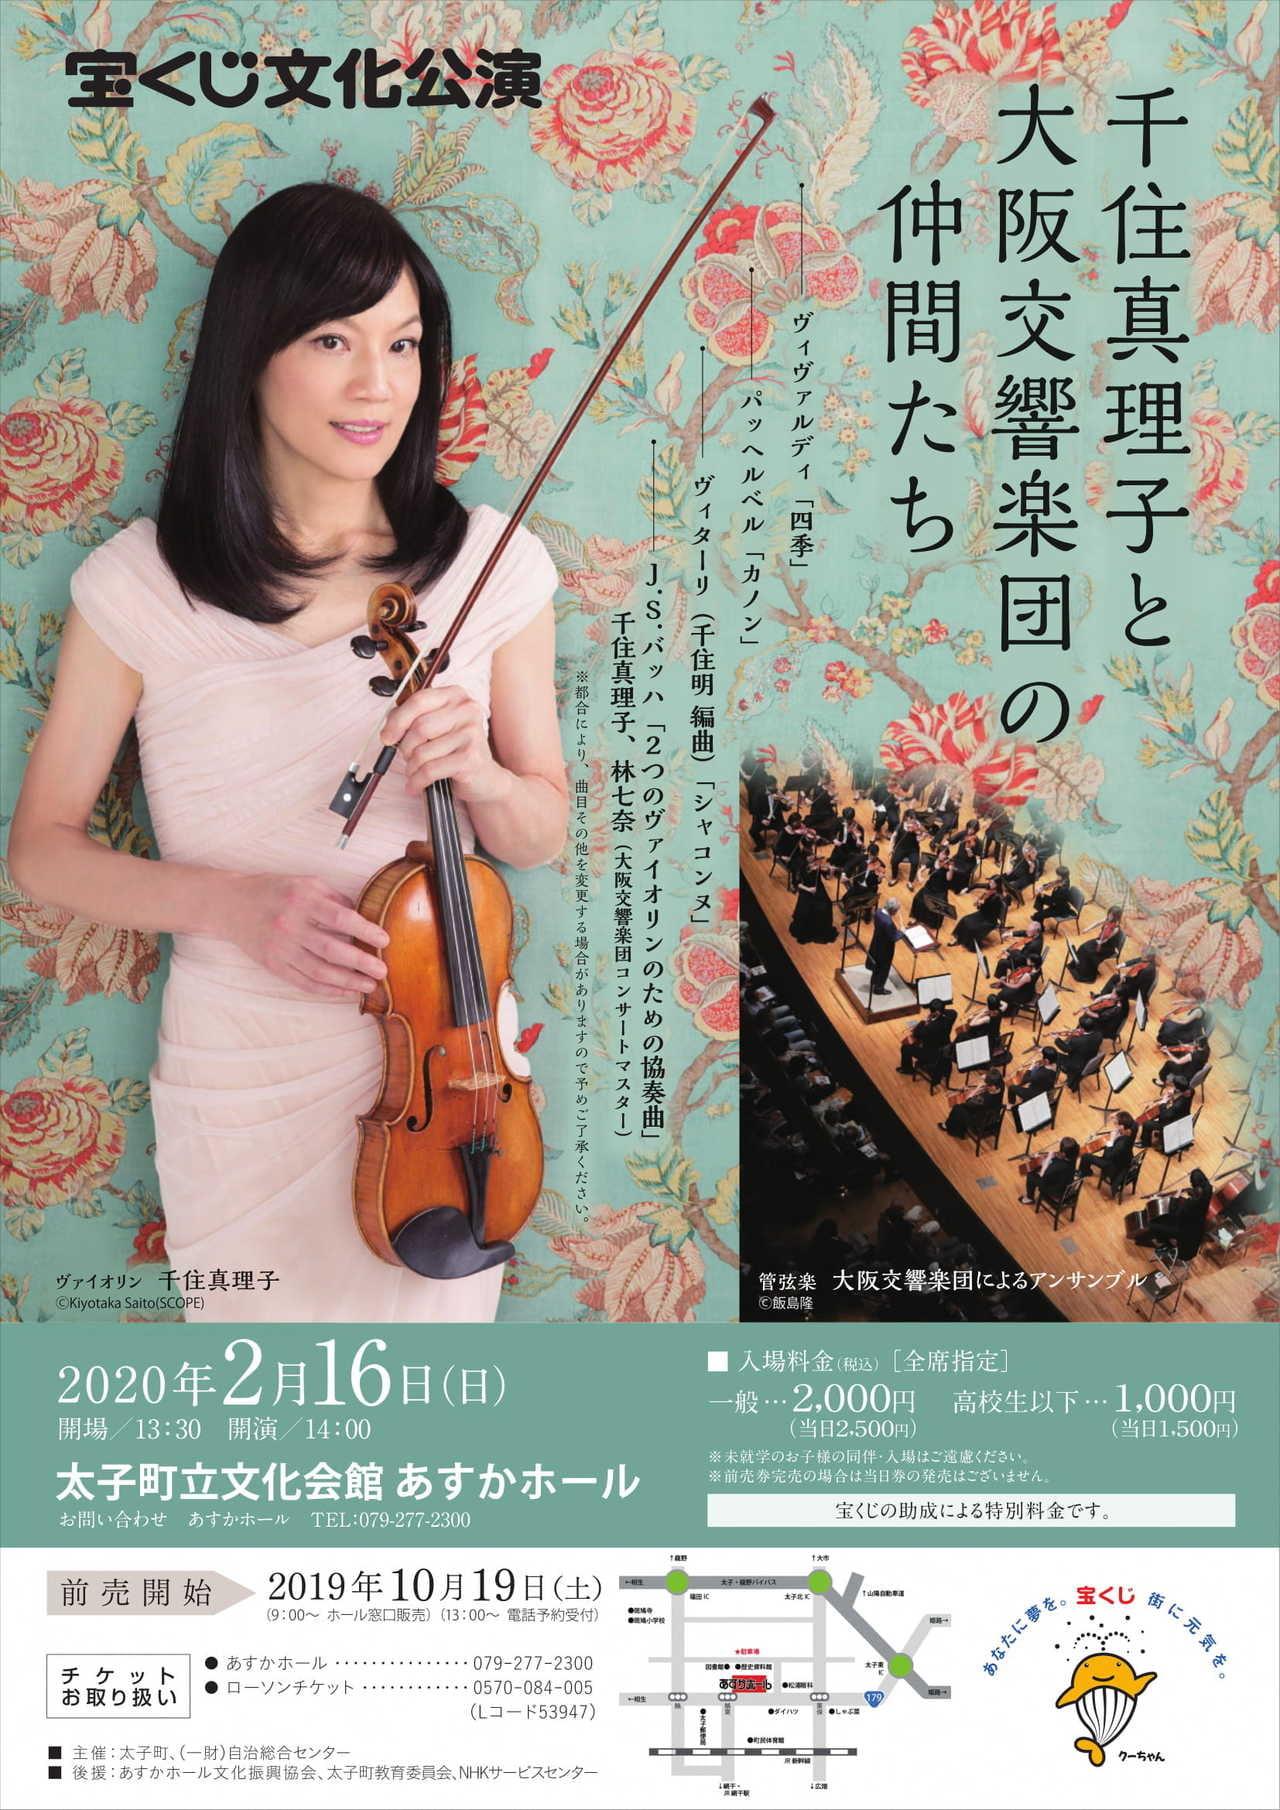 宝くじ文化公演 千住真理子と大阪交響楽団の仲間たち